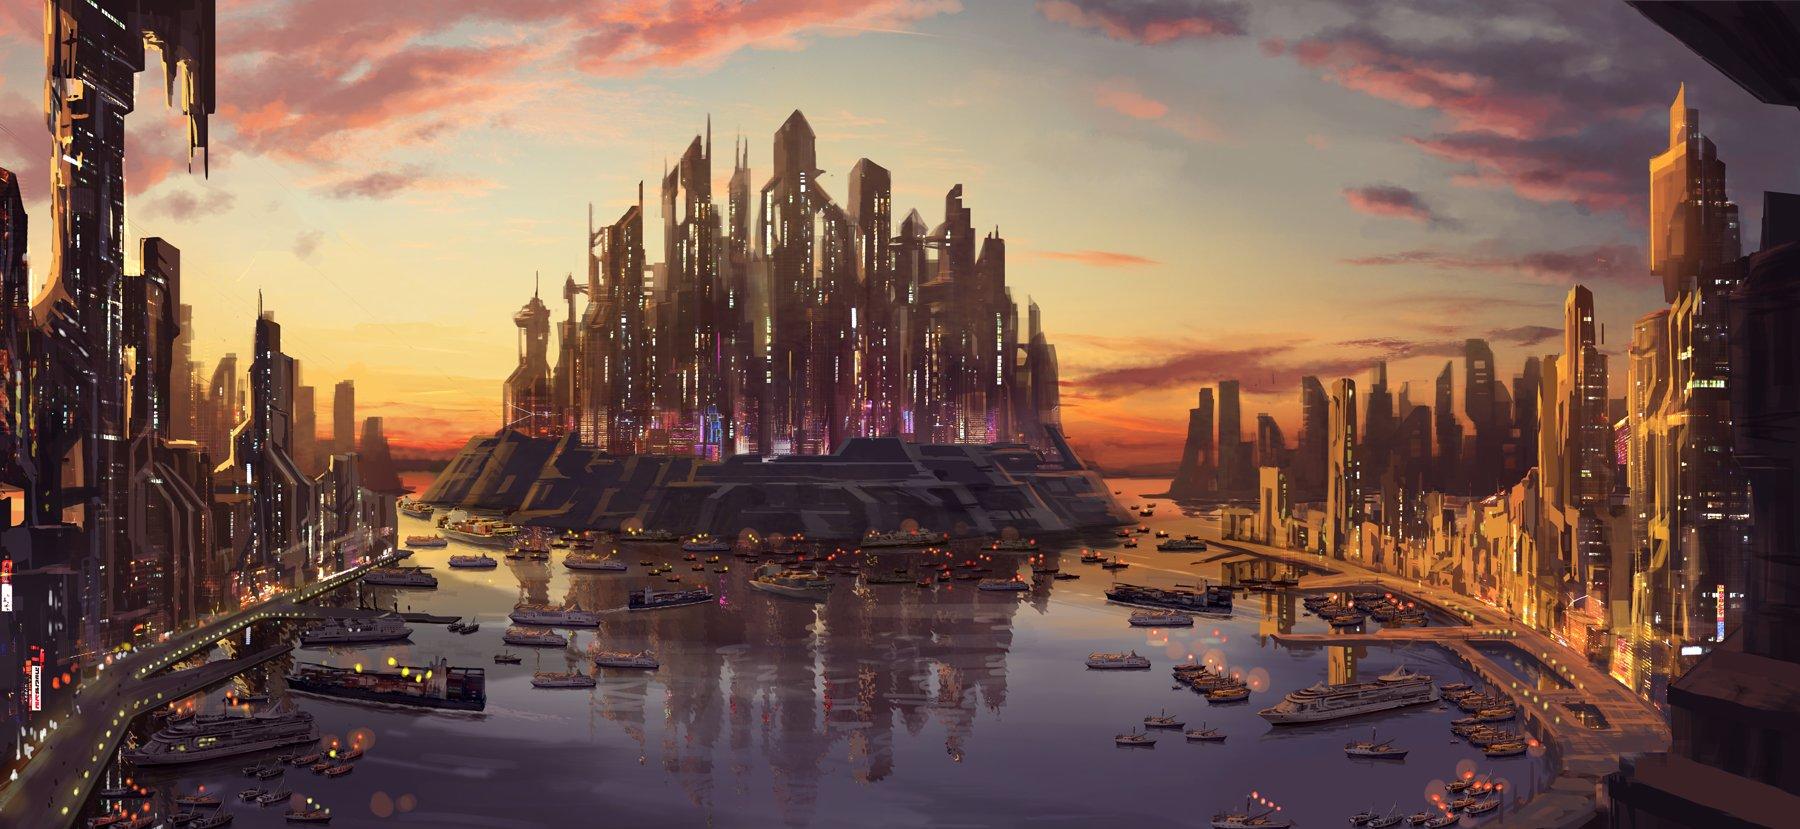 Qianqian liu neo city ships